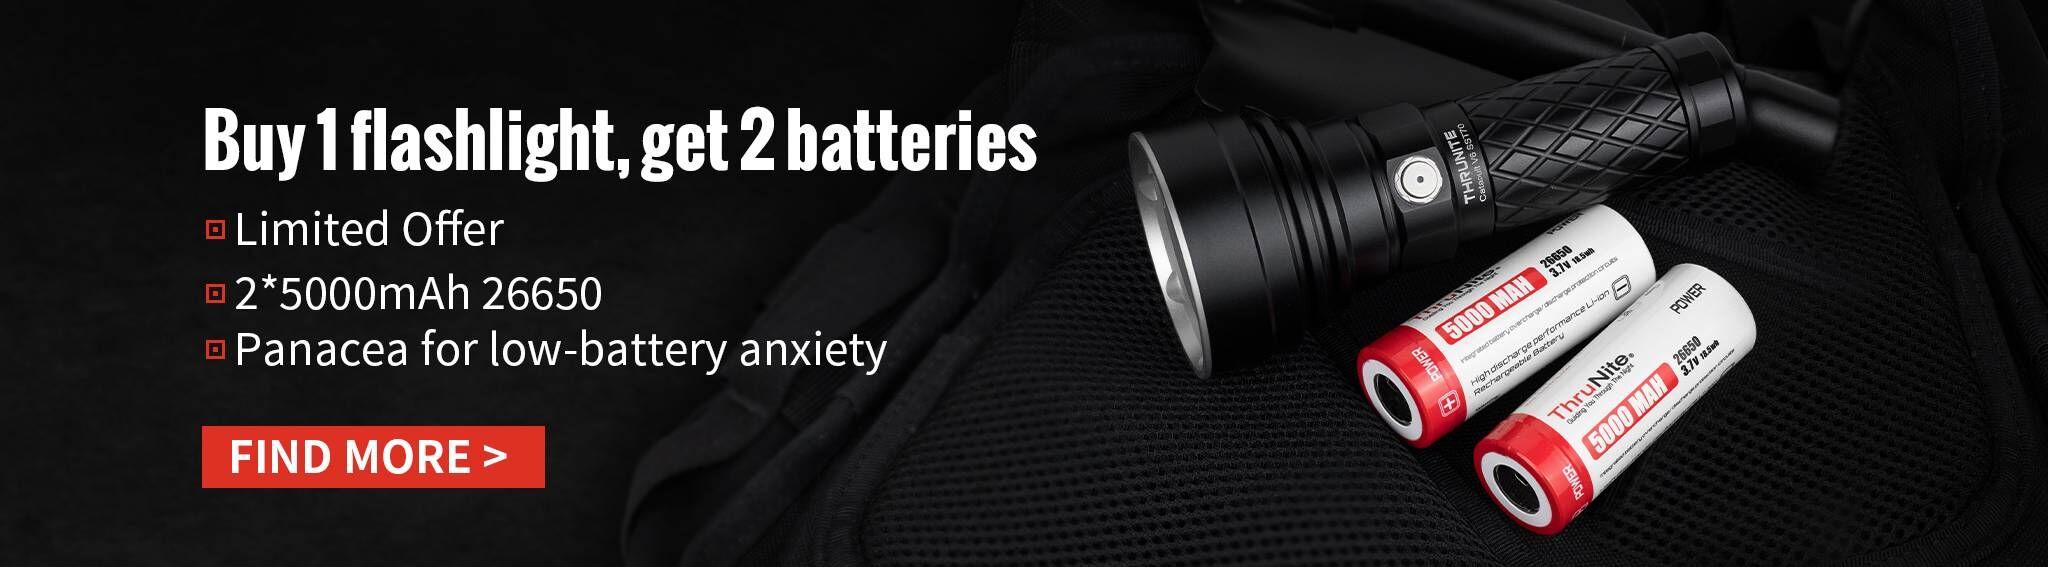 buy-one-get-two-batteries.jpg